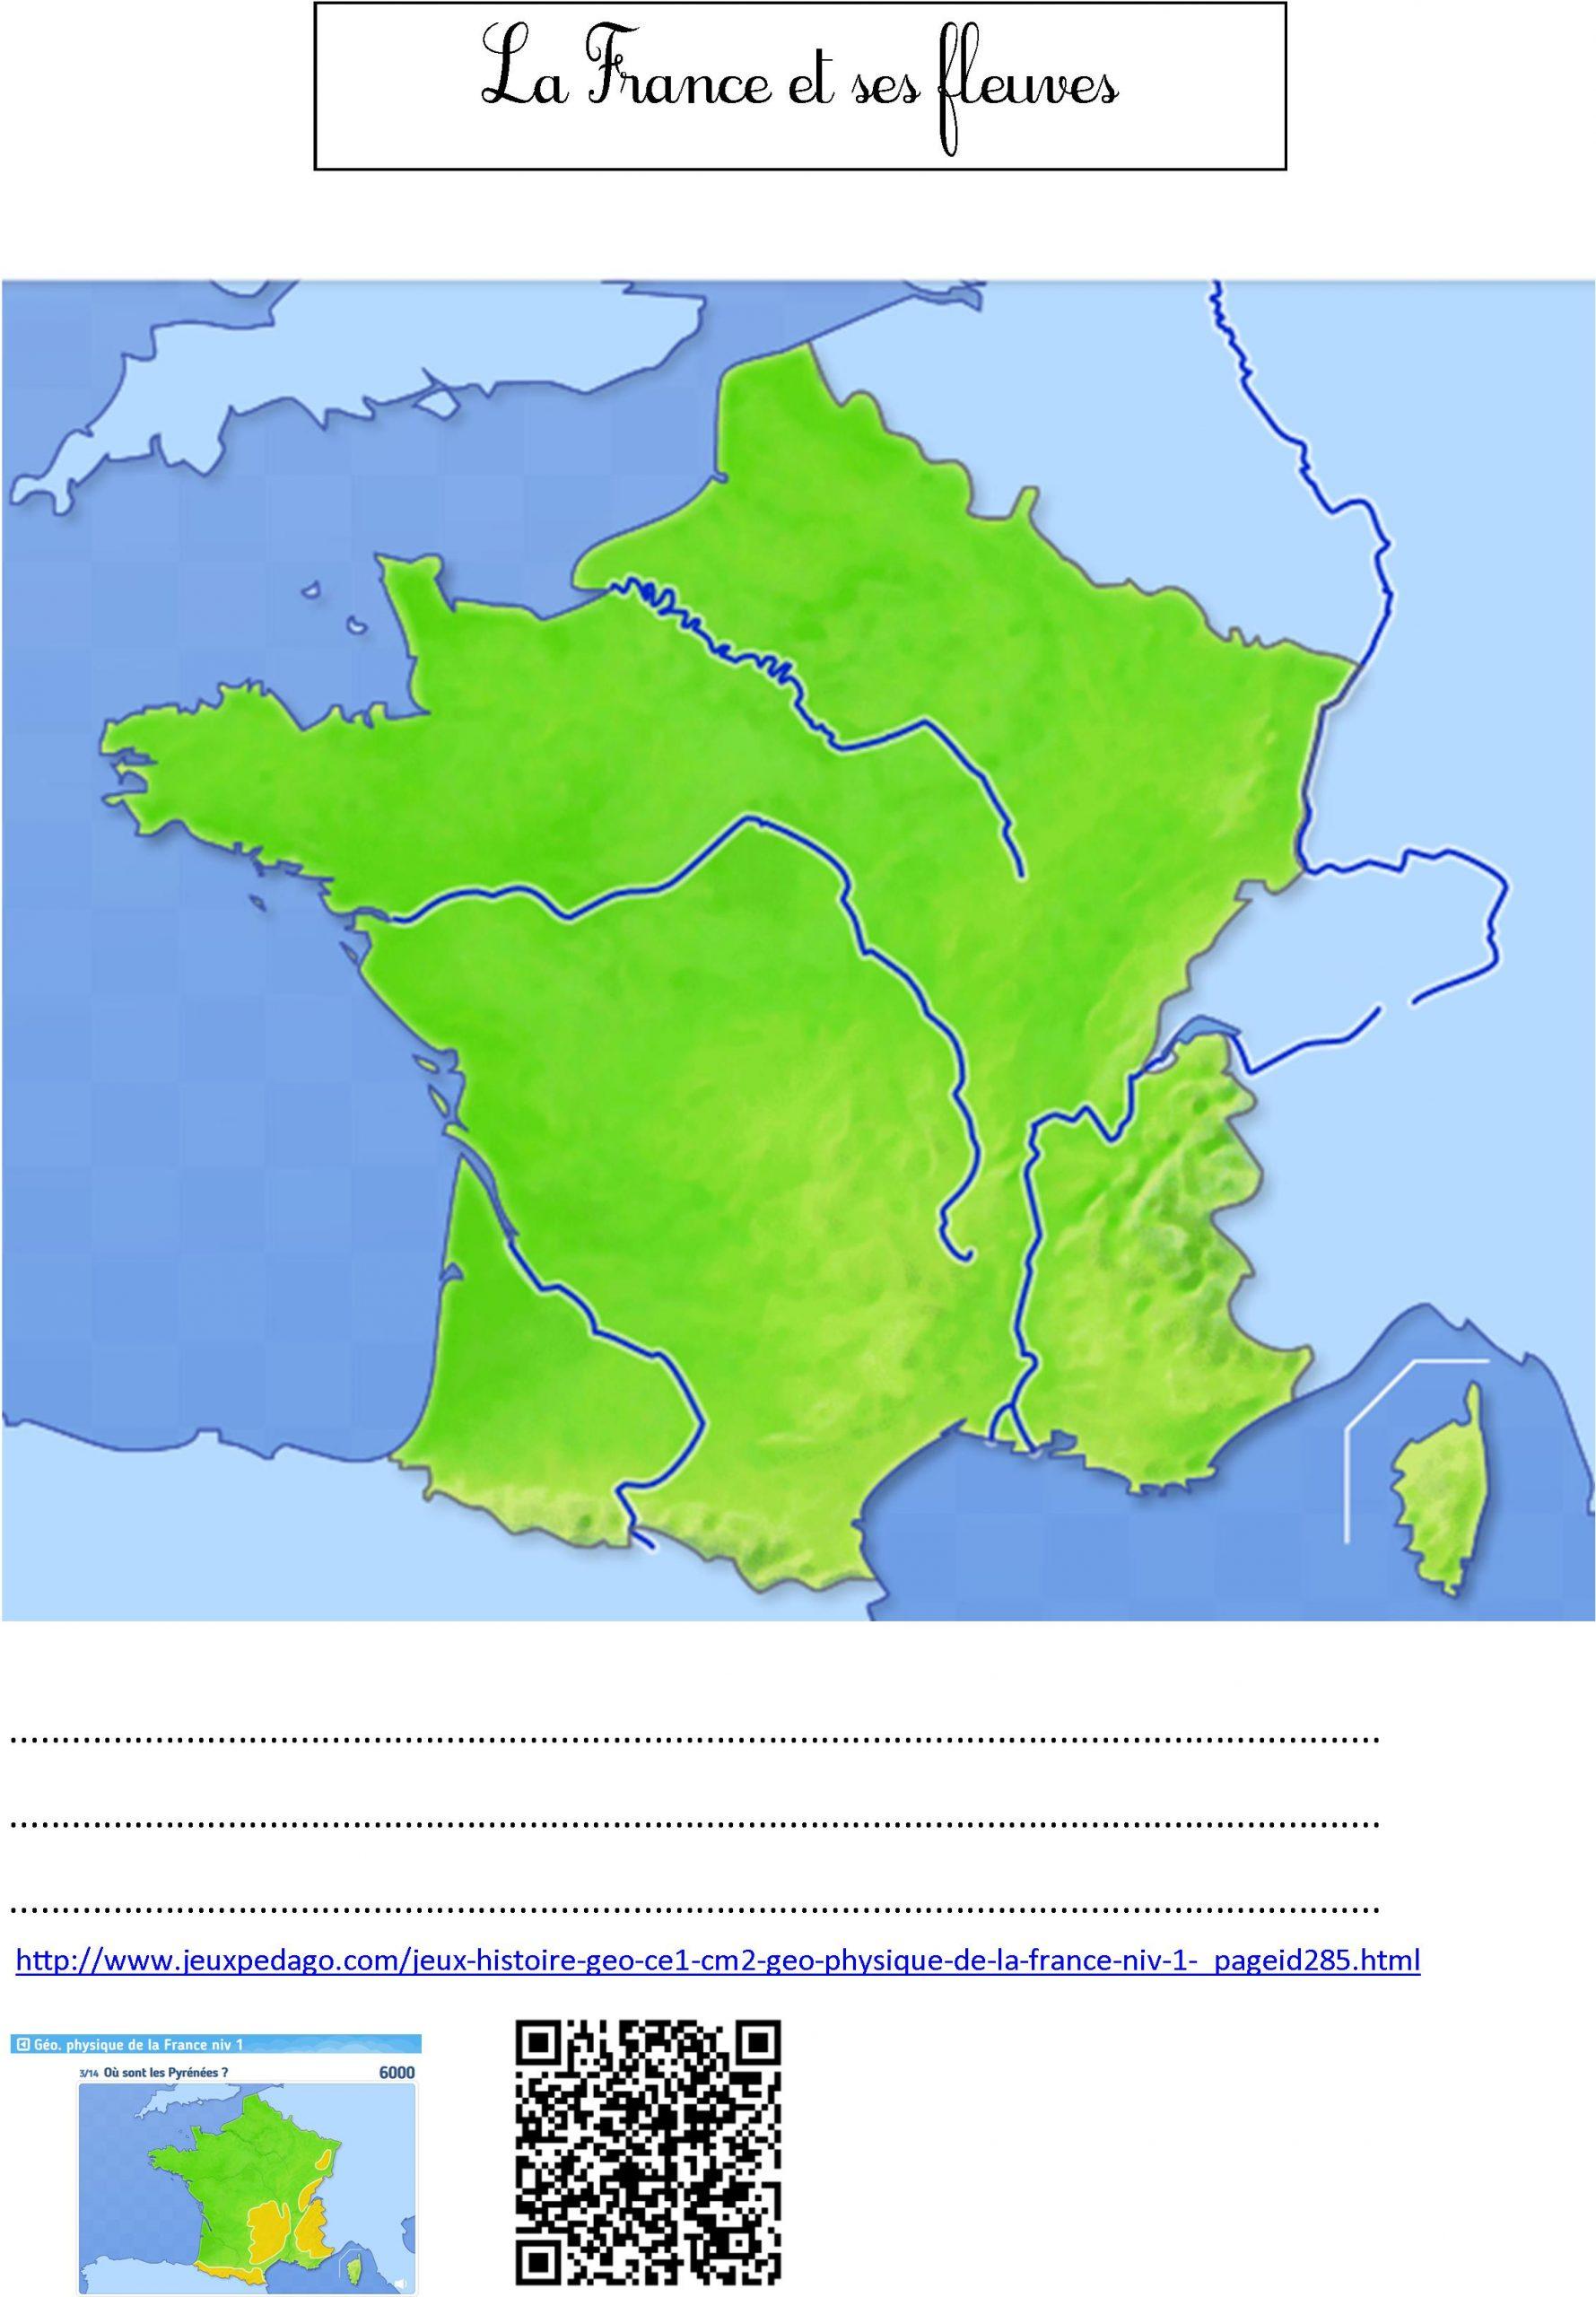 Fleuves De France | Le Blog De Monsieur Mathieu concernant Les Fleuves En France Cycle 3